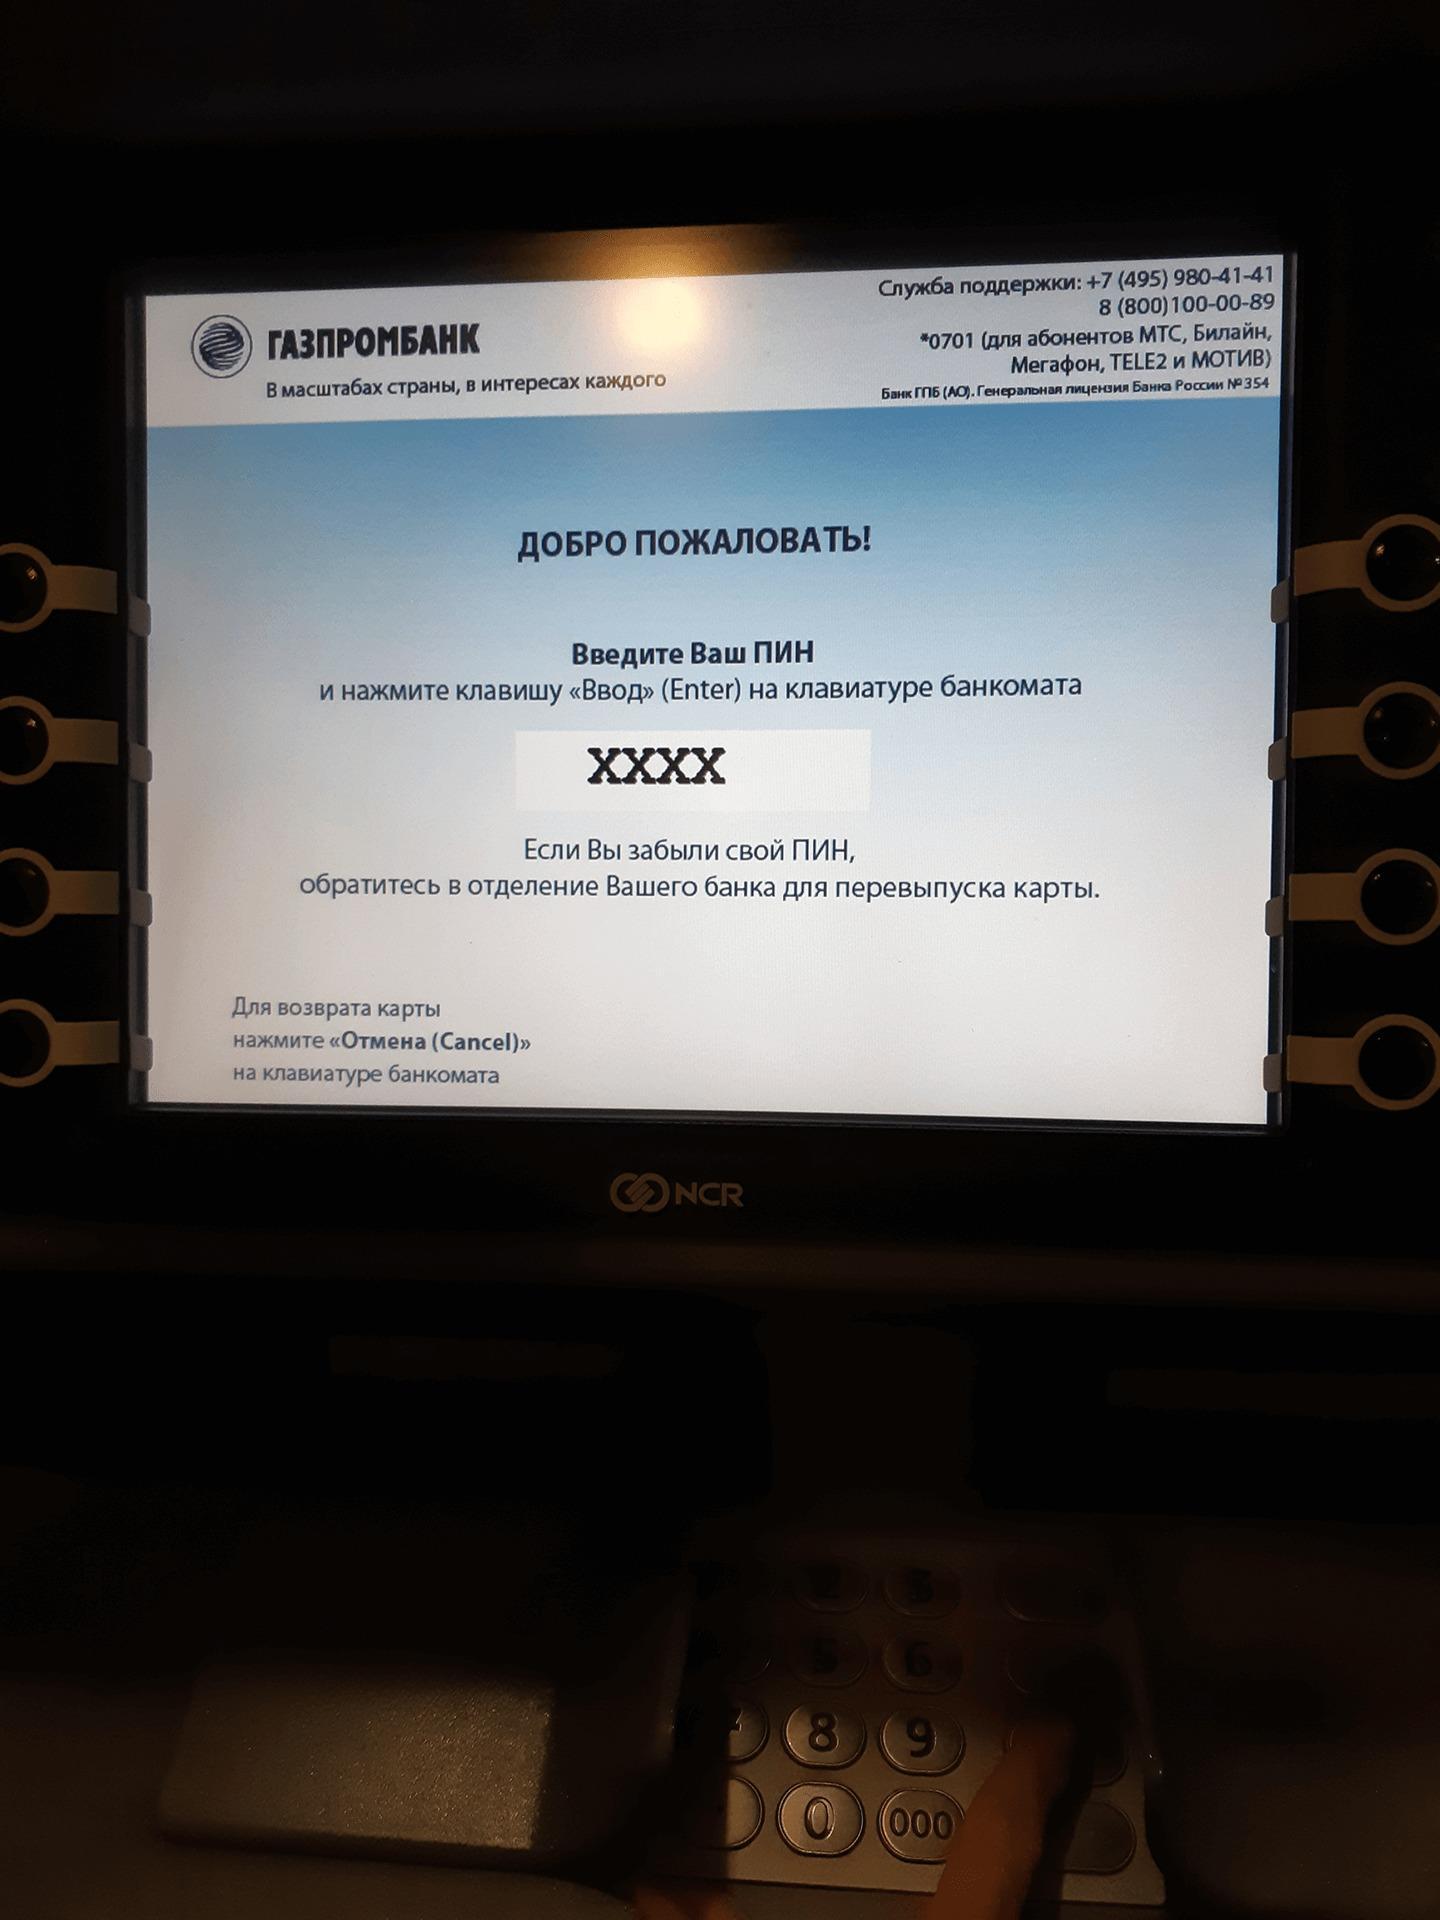 Перевод на карту ГПБ через банкомат шаг 2